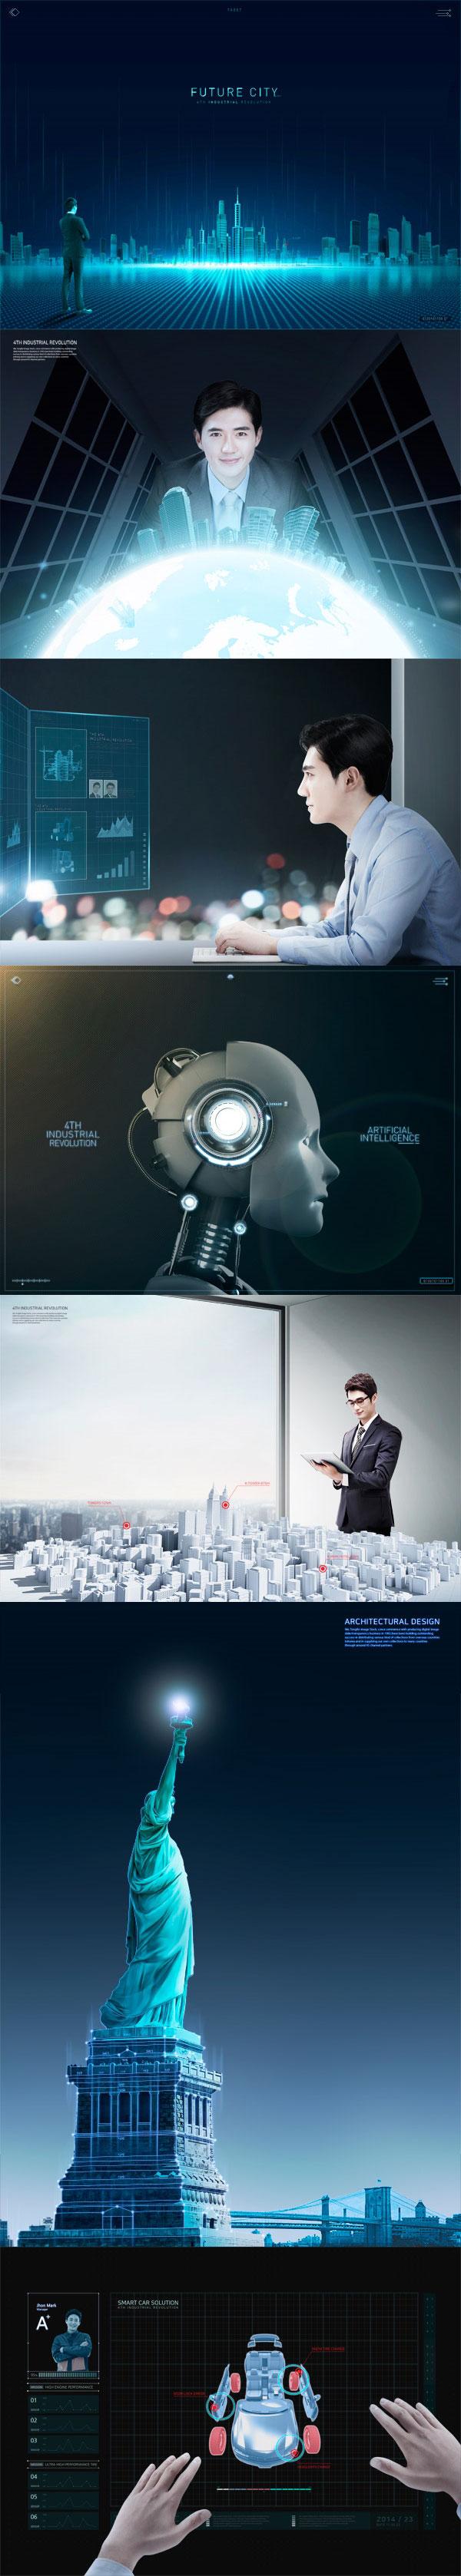 数码科技城市海报